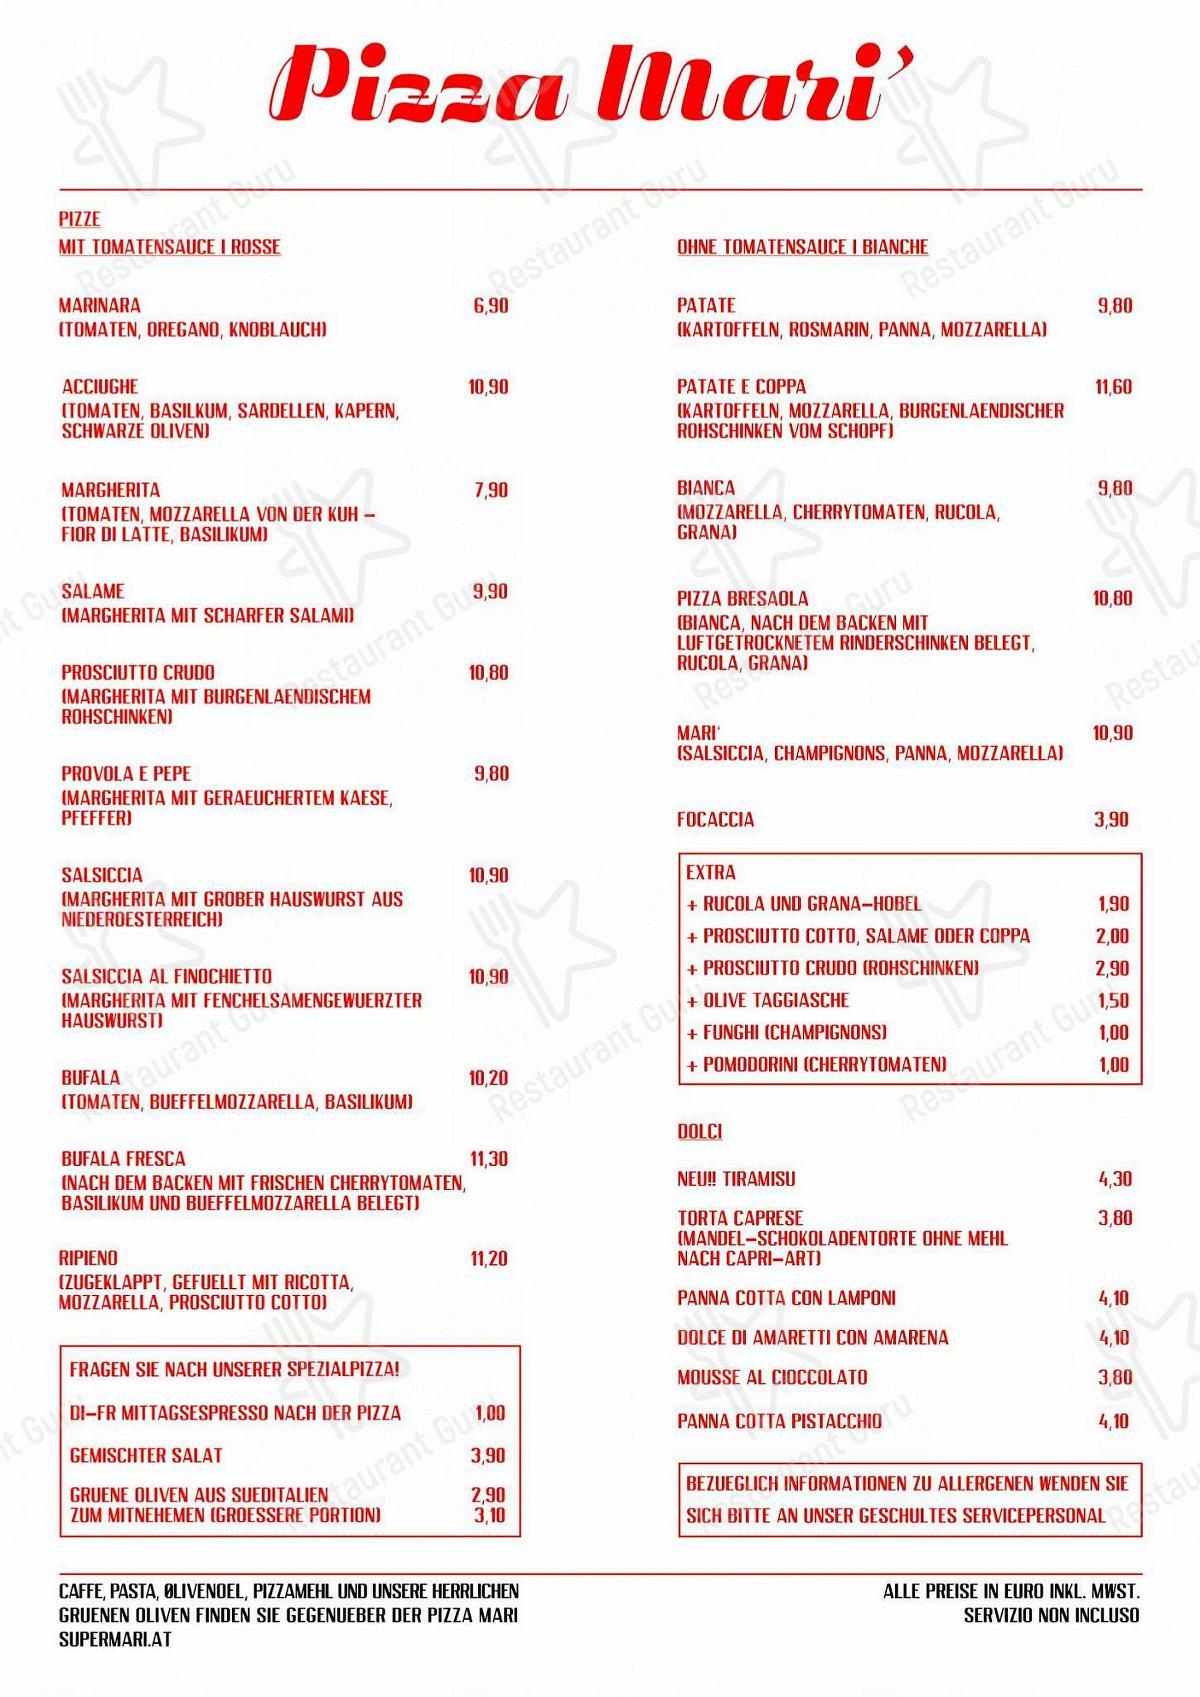 Menu pour Pizza Mari - plats et boissons